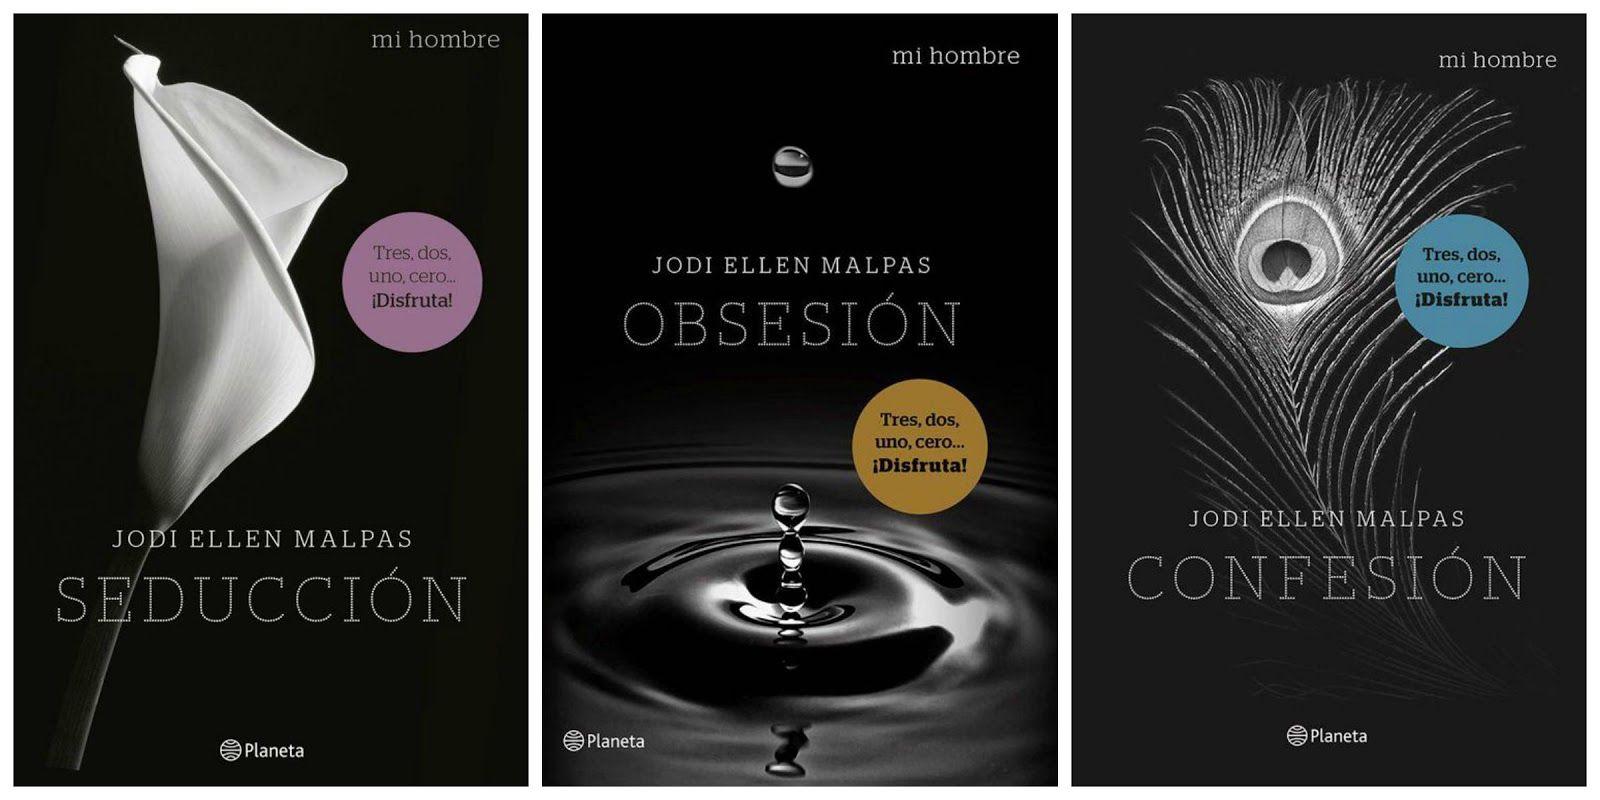 Trilogía Mi Hombre Trilogía Libros Romanticos Libros Eróticos